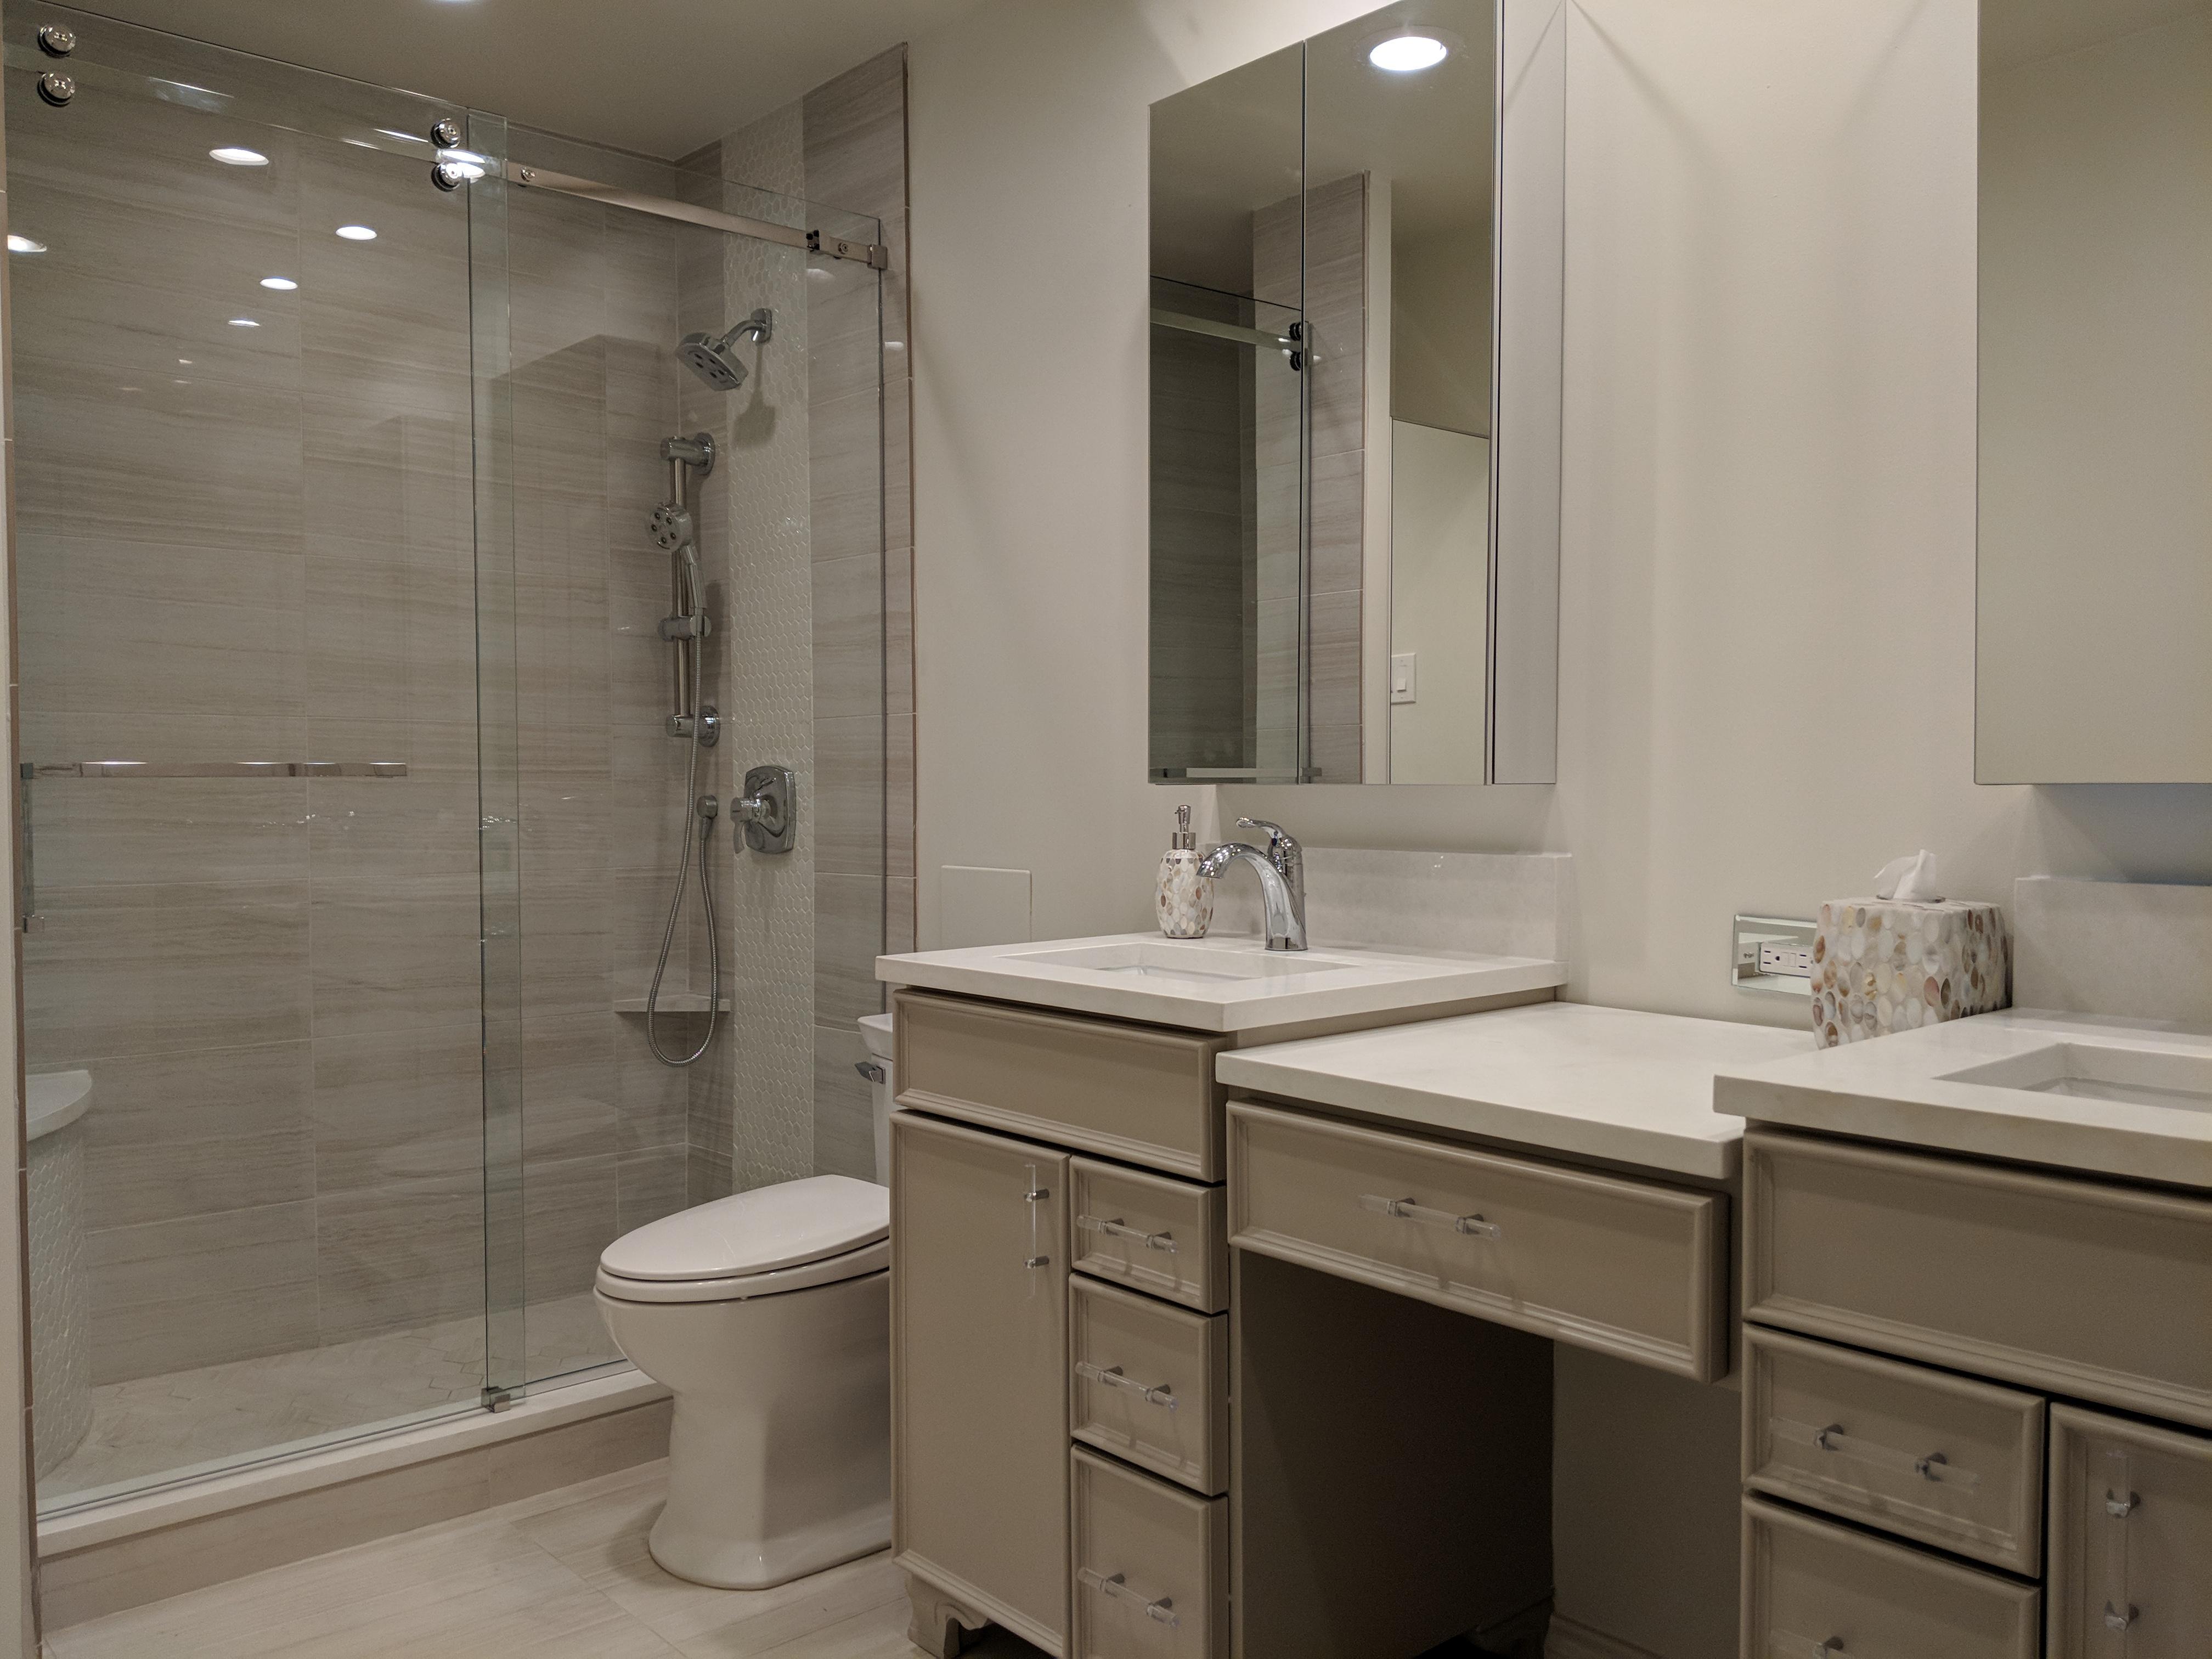 Condo Tower Bathroom